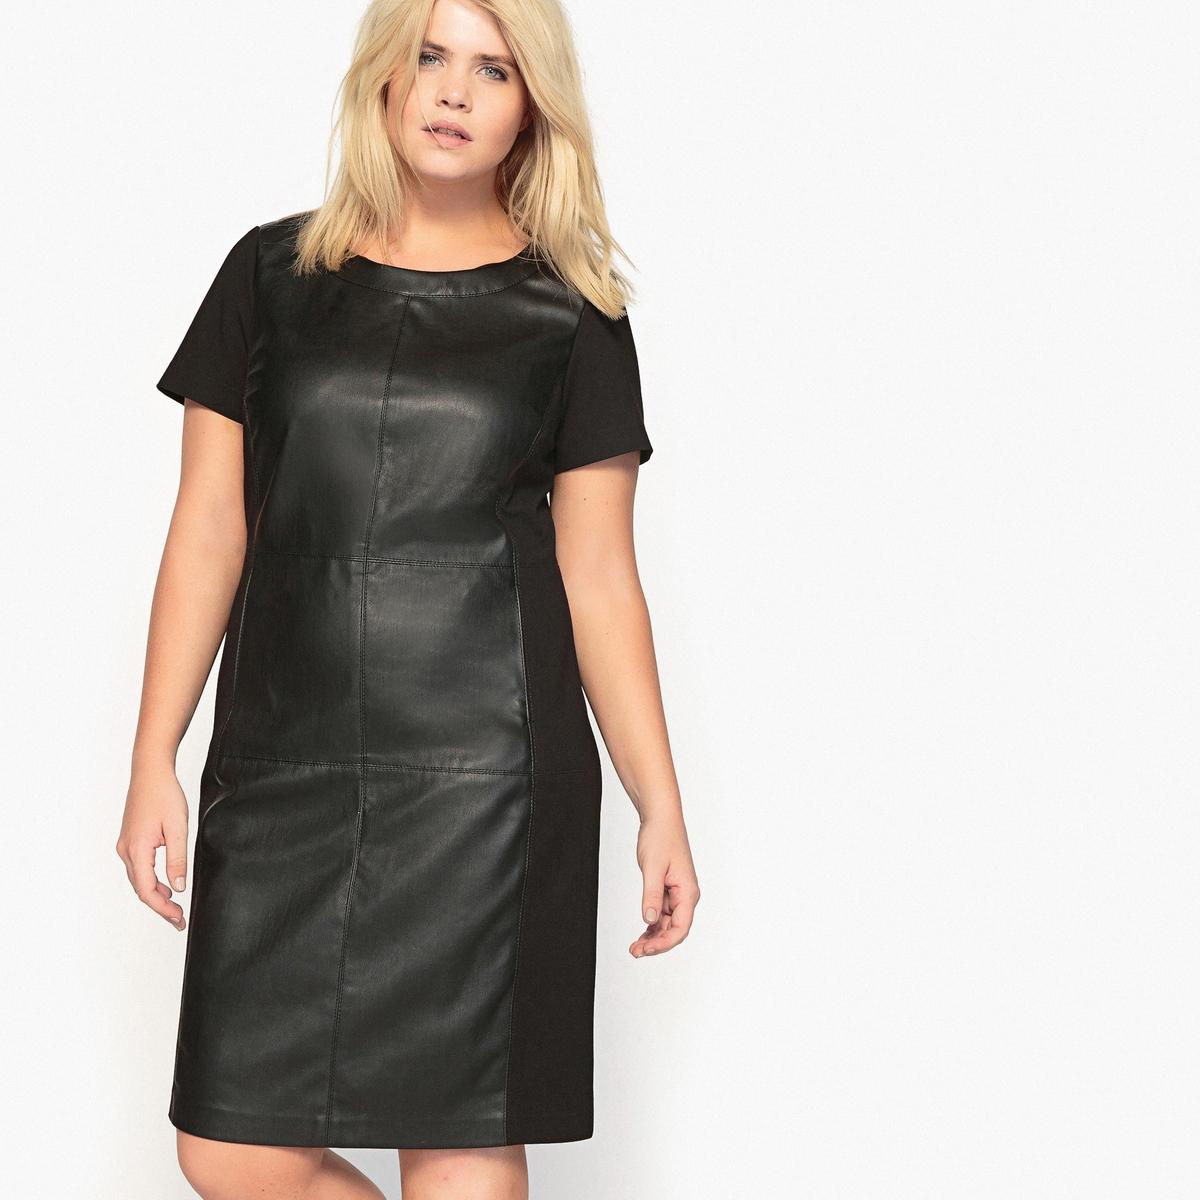 Платье прямое средней длиныОписание:Маленькое черное платье, о котором все мы так мечтаем. С современными вставками из искусственной кожи. Это черное платье незаменимо в гардеробе.Детали •  Форма : прямая •  Длина до колен •  Короткие рукава    •  Круглый вырезСостав и уход •  66% вискозы, 3% эластана, 31% полиамида •  Температура стирки при 30° на деликатном режиме   •  Сухая чистка и отбеливание запрещены •  Не использовать барабанную сушку   •  Низкая температура глажки   ВАЖНО: Товар без манжетТовар из коллекции больших размеров •  Из двух материалов. •  Вставки из искусственной кожи спереди. •  Длина : 103,8 см<br><br>Цвет: черный<br>Размер: 44 (FR) - 50 (RUS)